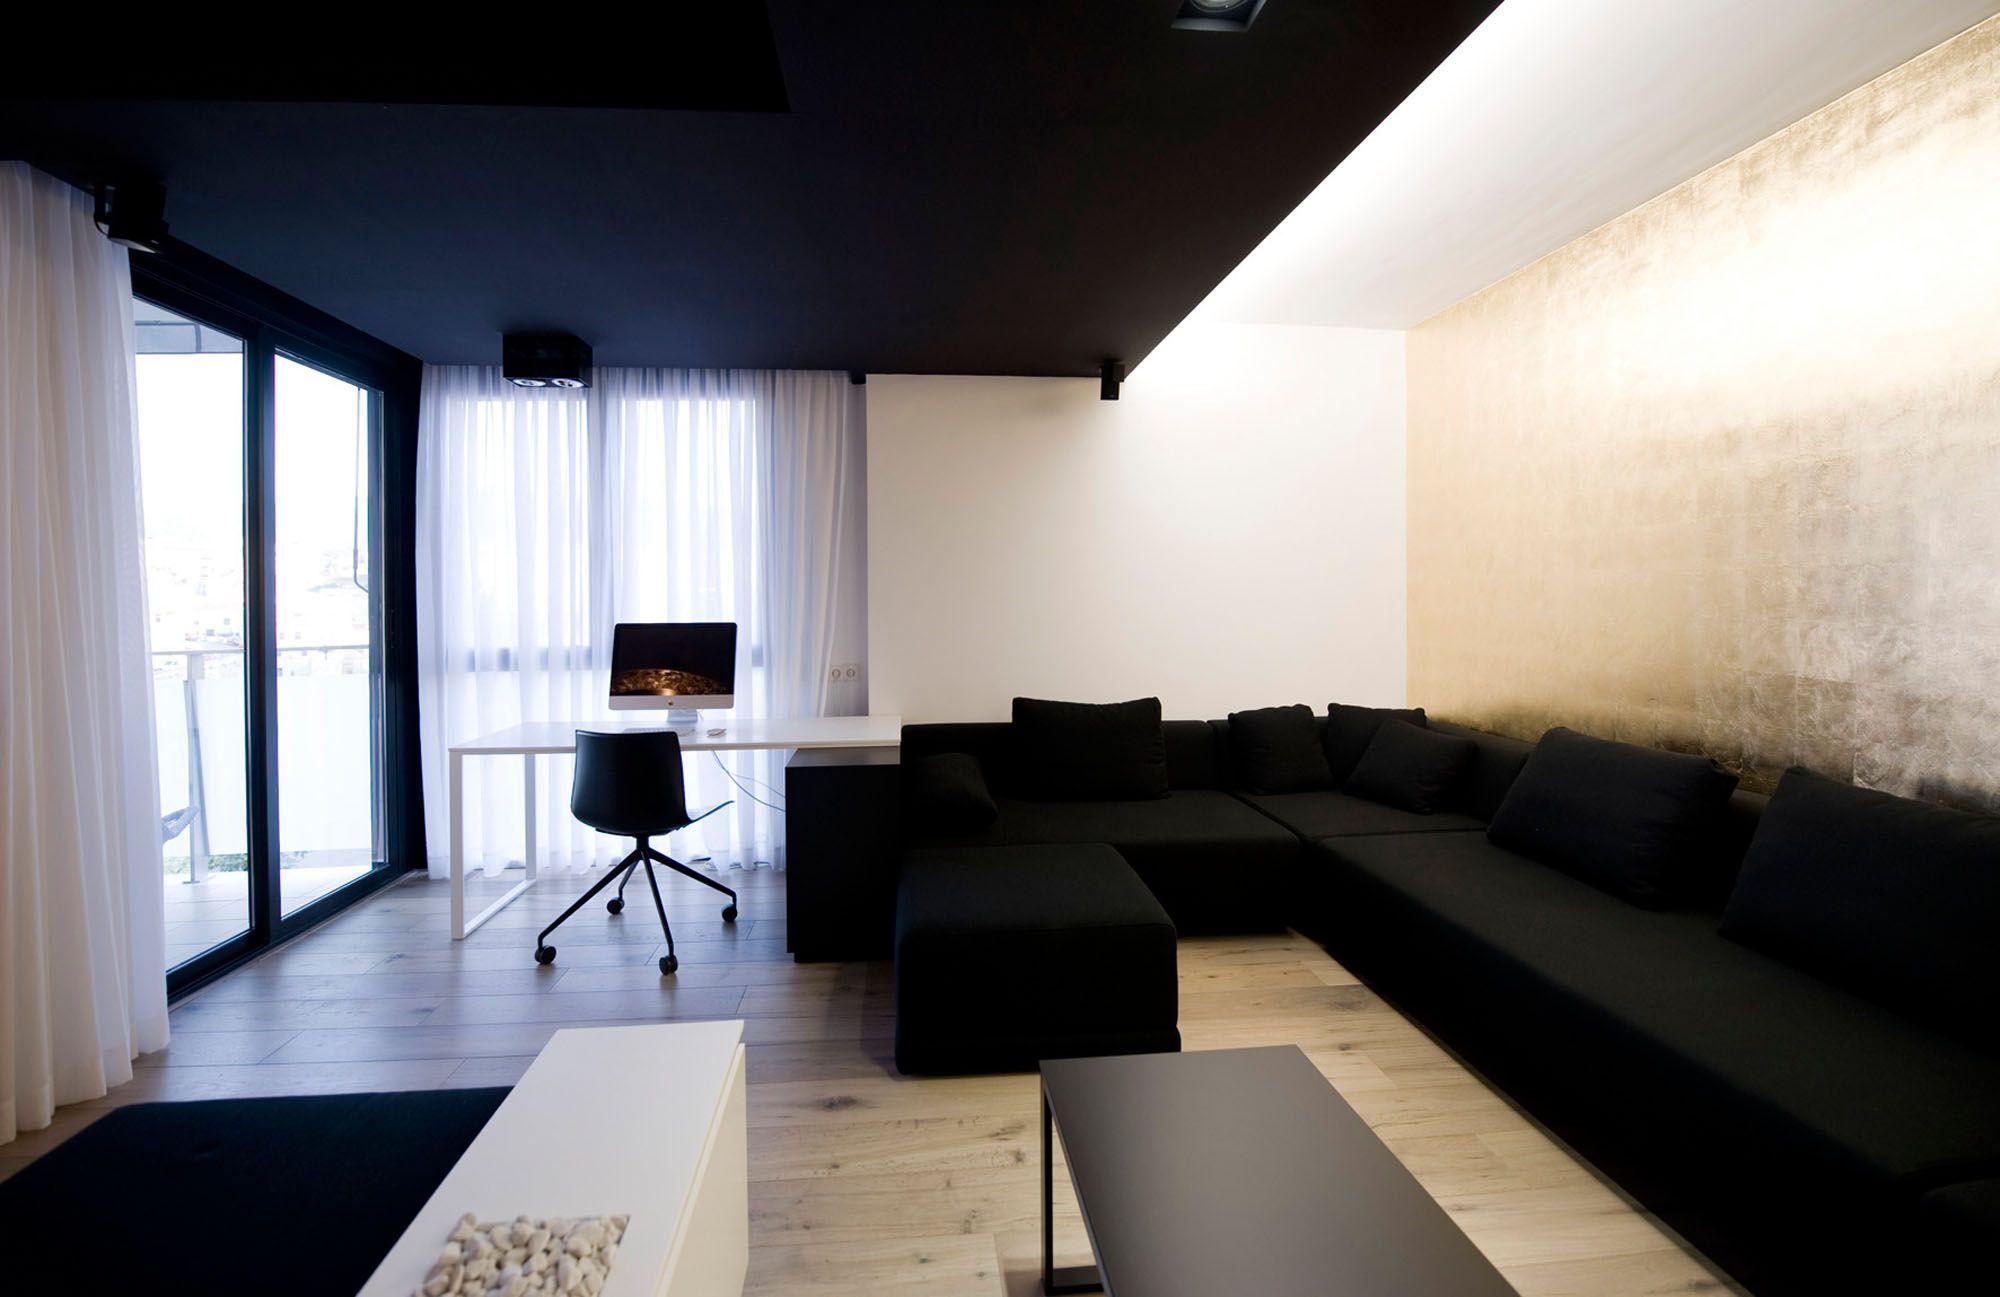 Interior ultra minimalist black and white home interior design